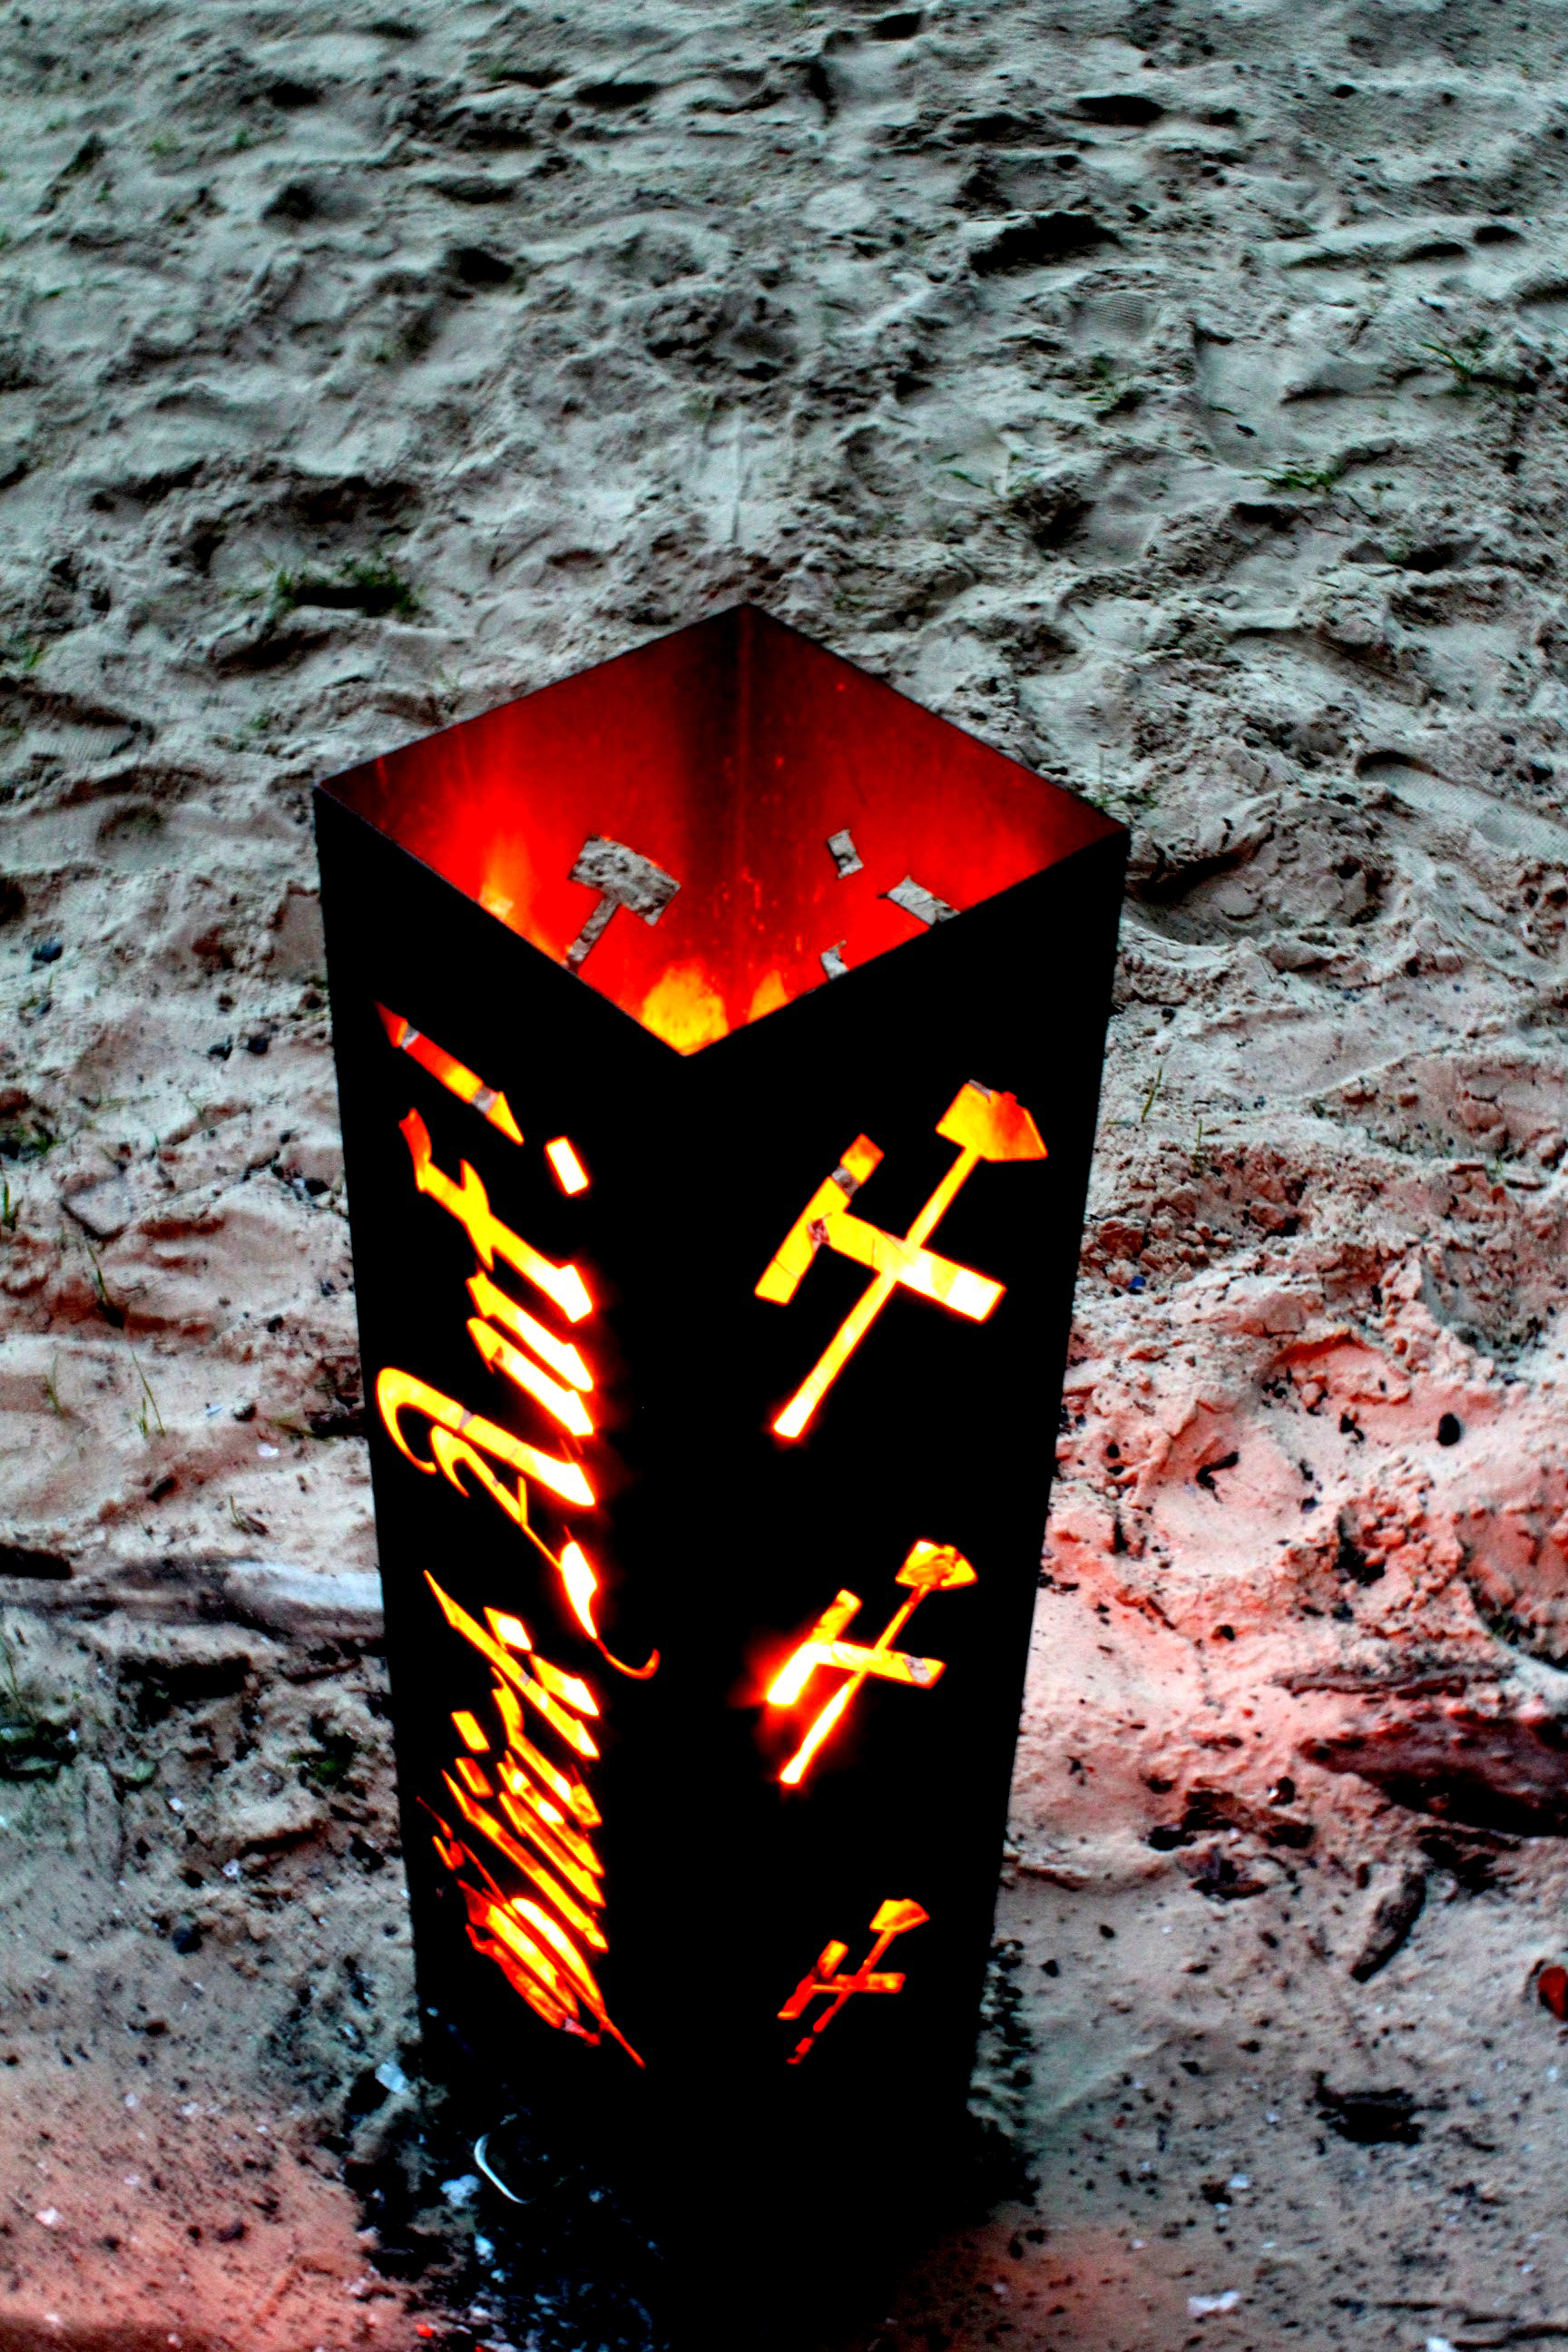 Feuersäule Ruhrgebiet Feuerschale Feuerkorb Kamin Sonstiges